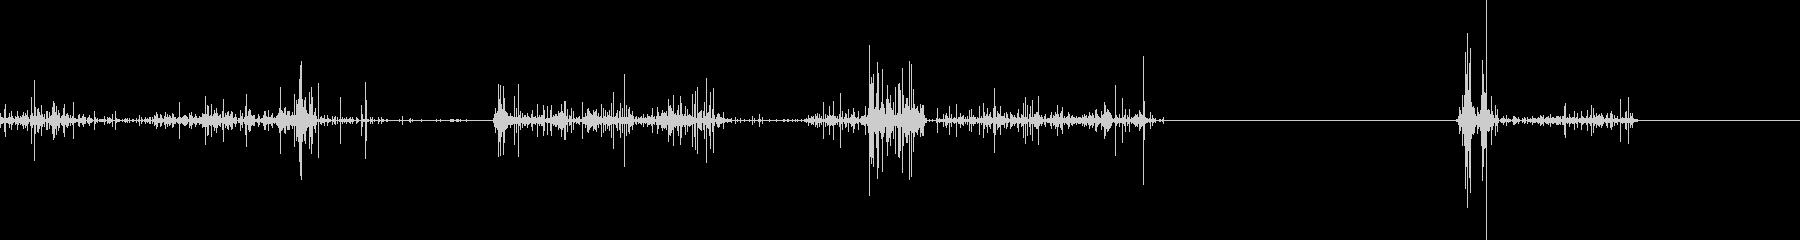 ホットプレートのウェットマグx2の未再生の波形